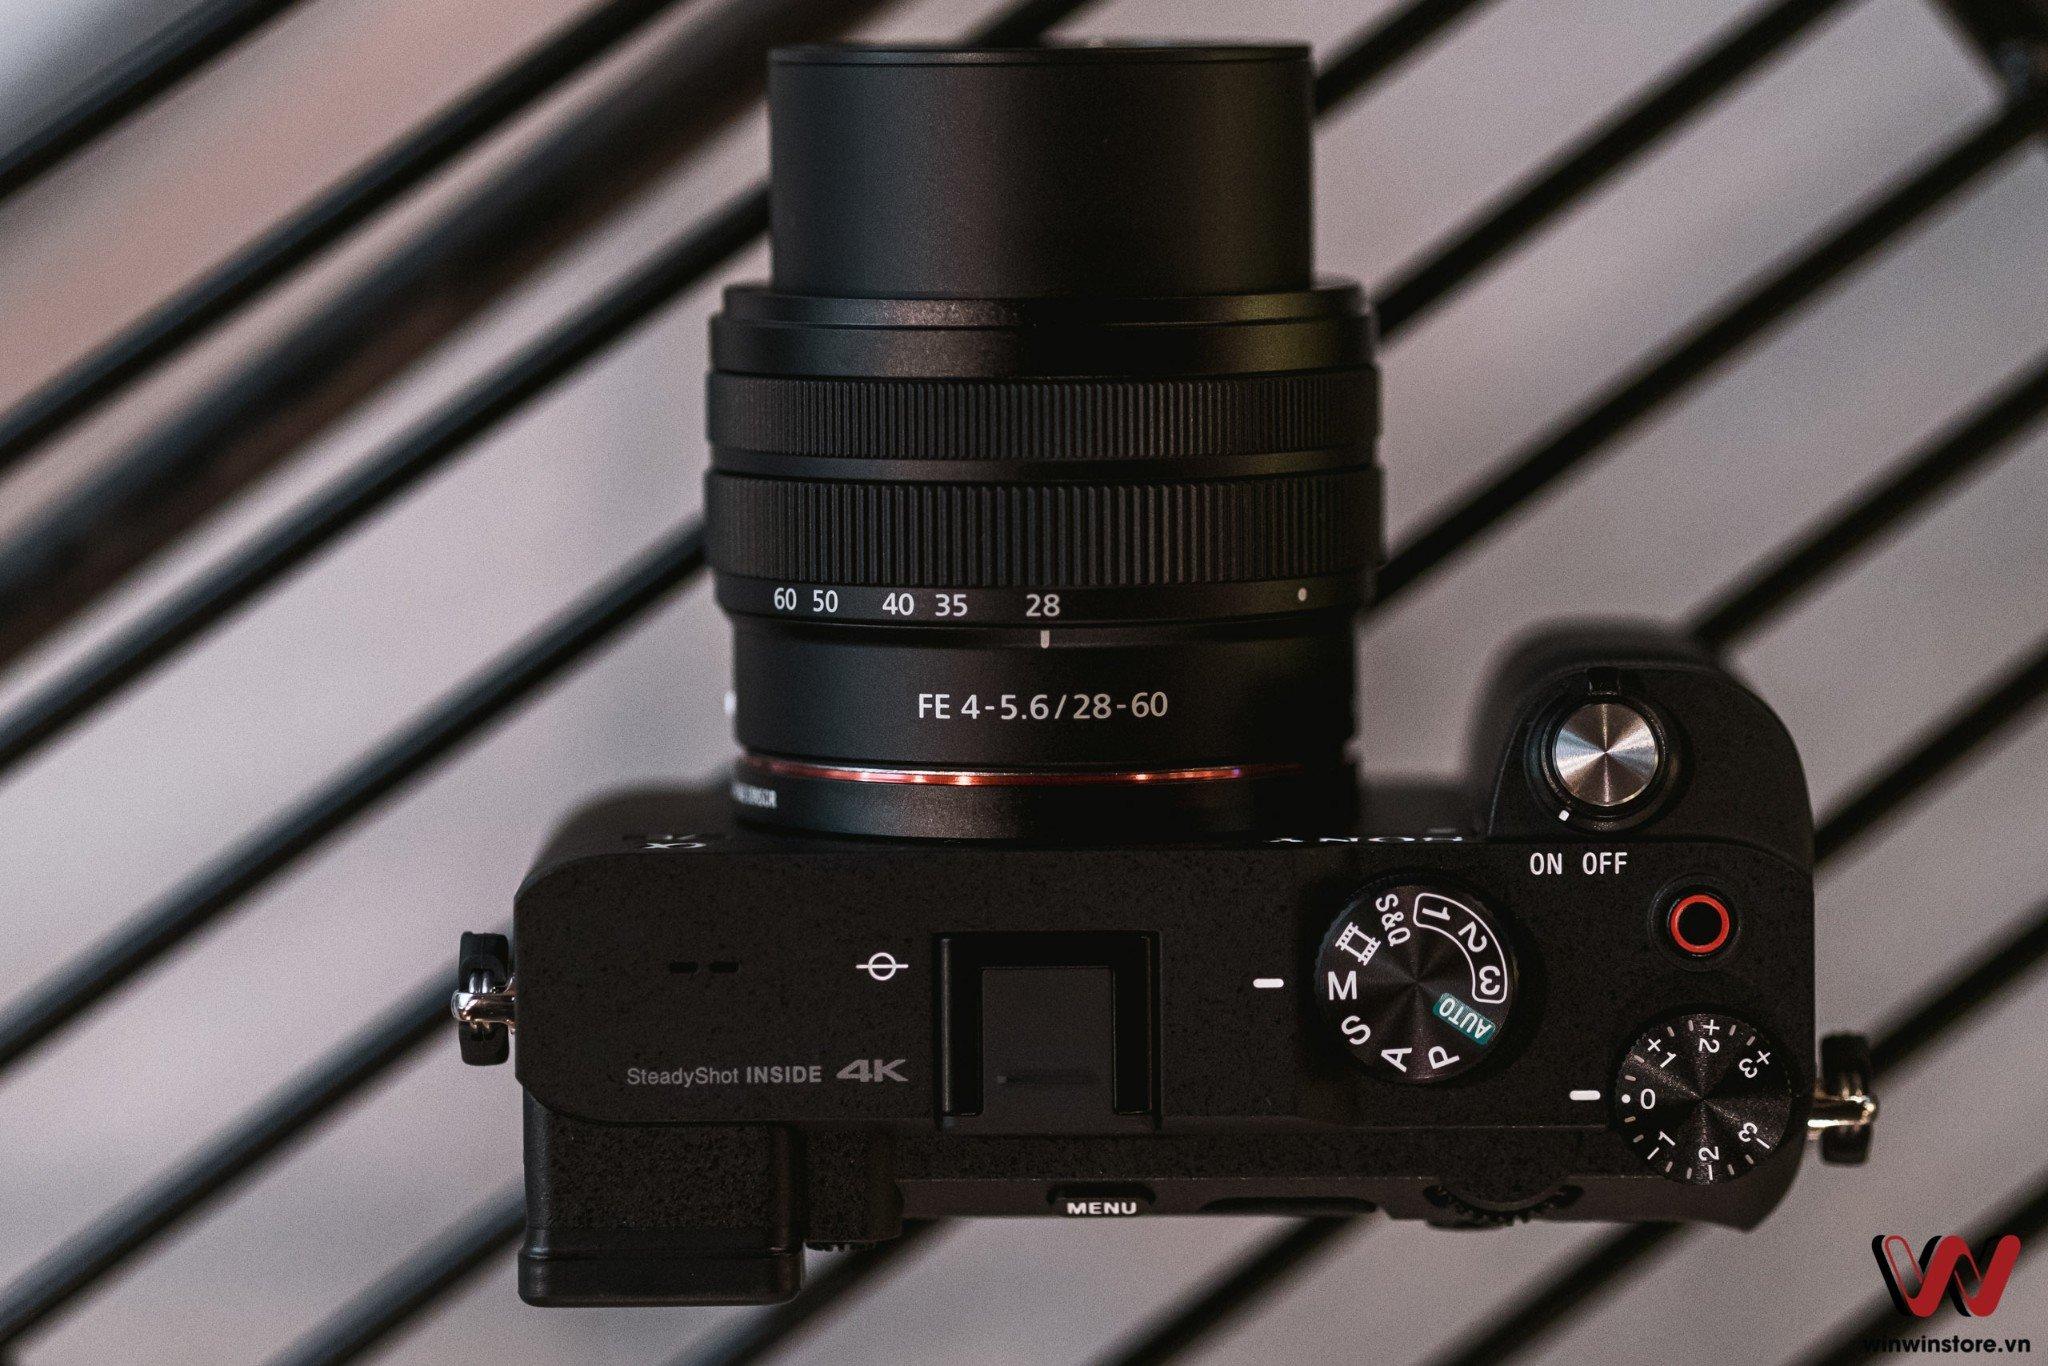 Máy ảnh Sony Alpha A7C và ống kính FE 28-60mm